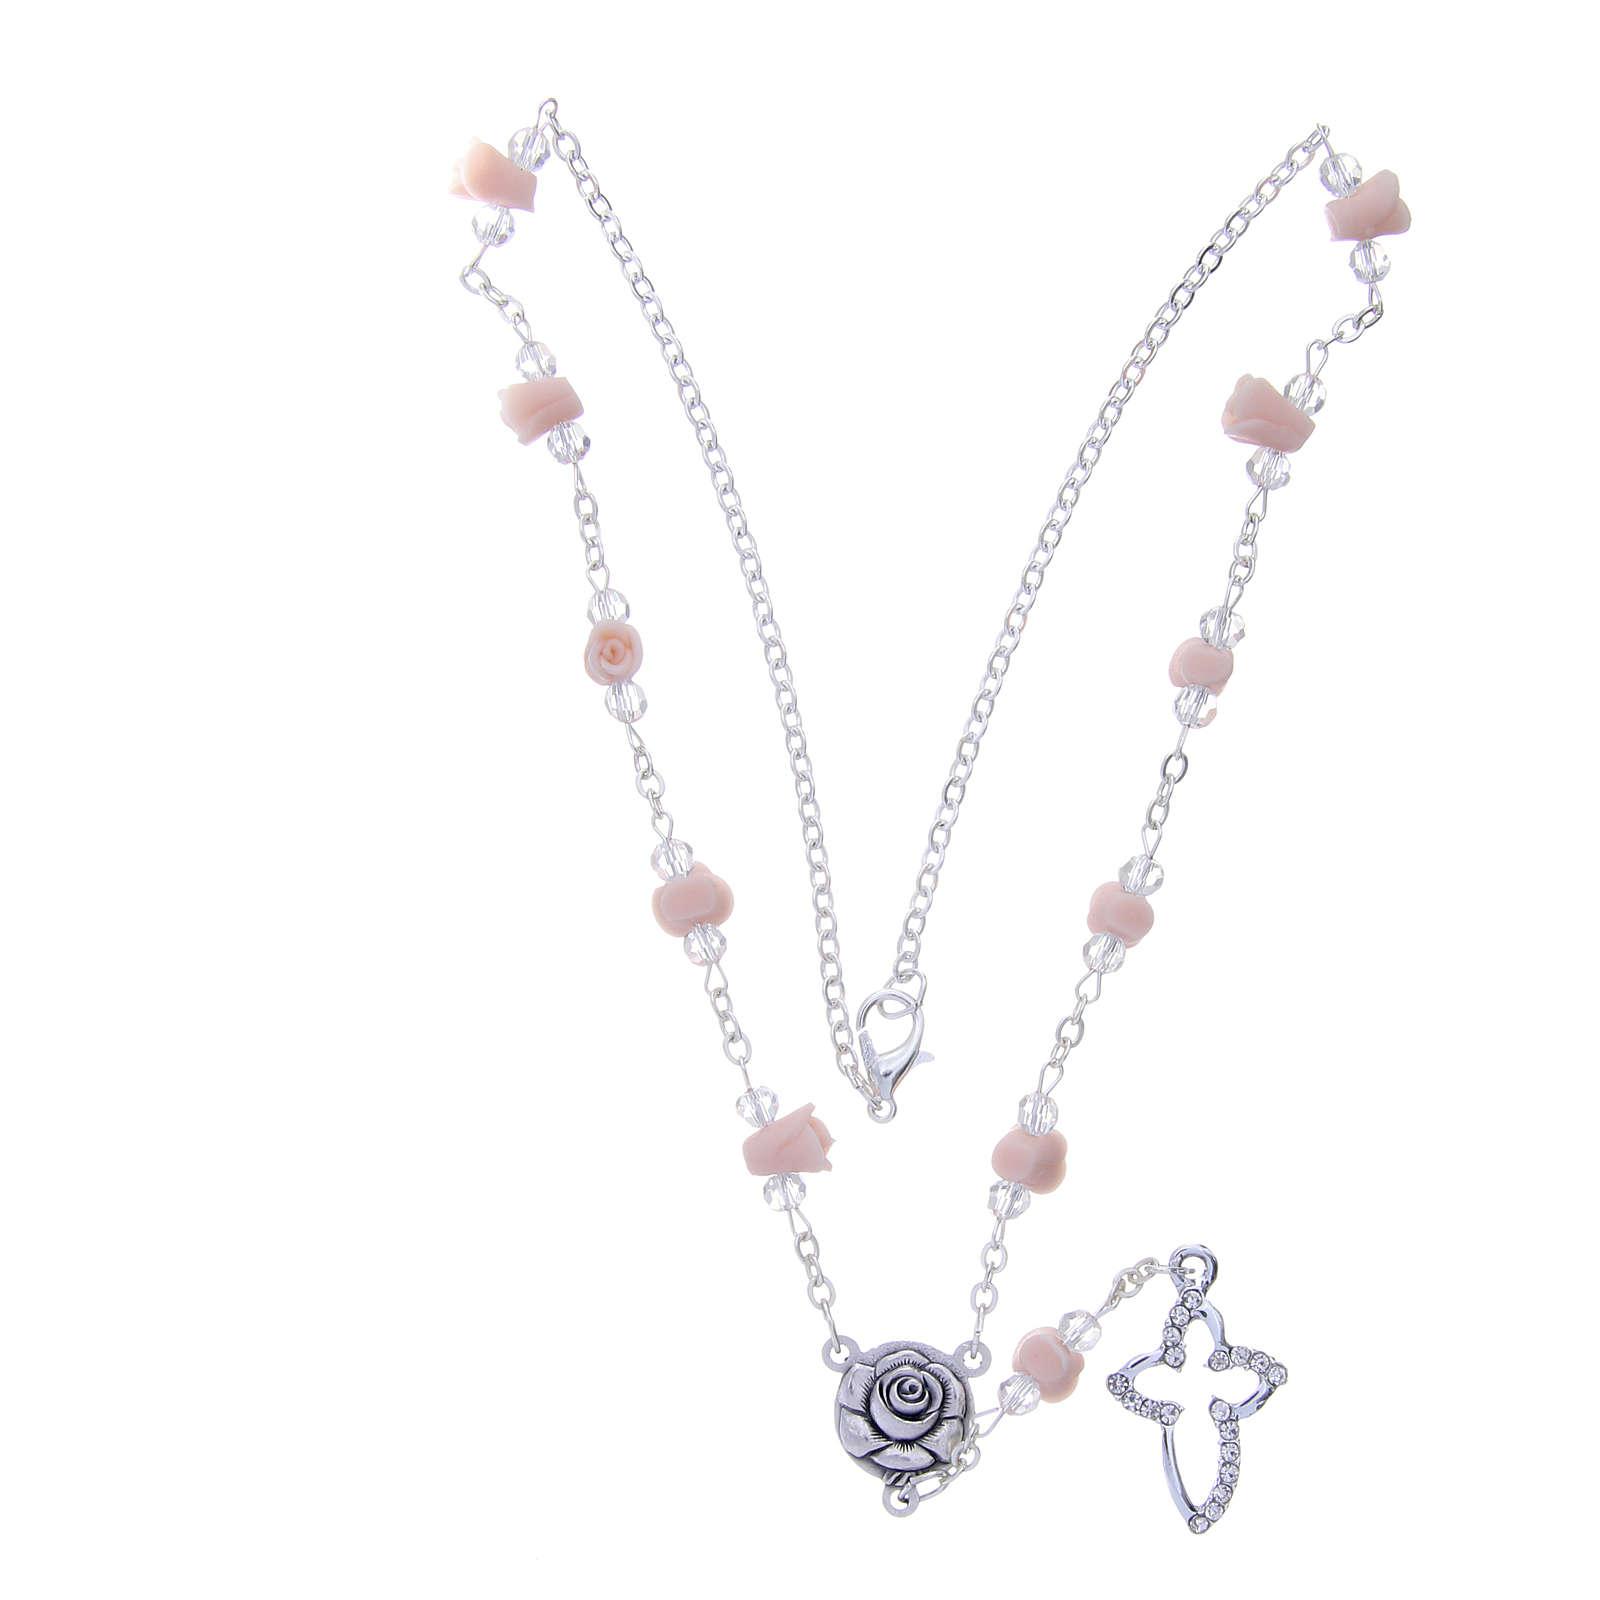 Collar rosario Medjugorje cuentas cristal rosas cerámica 4